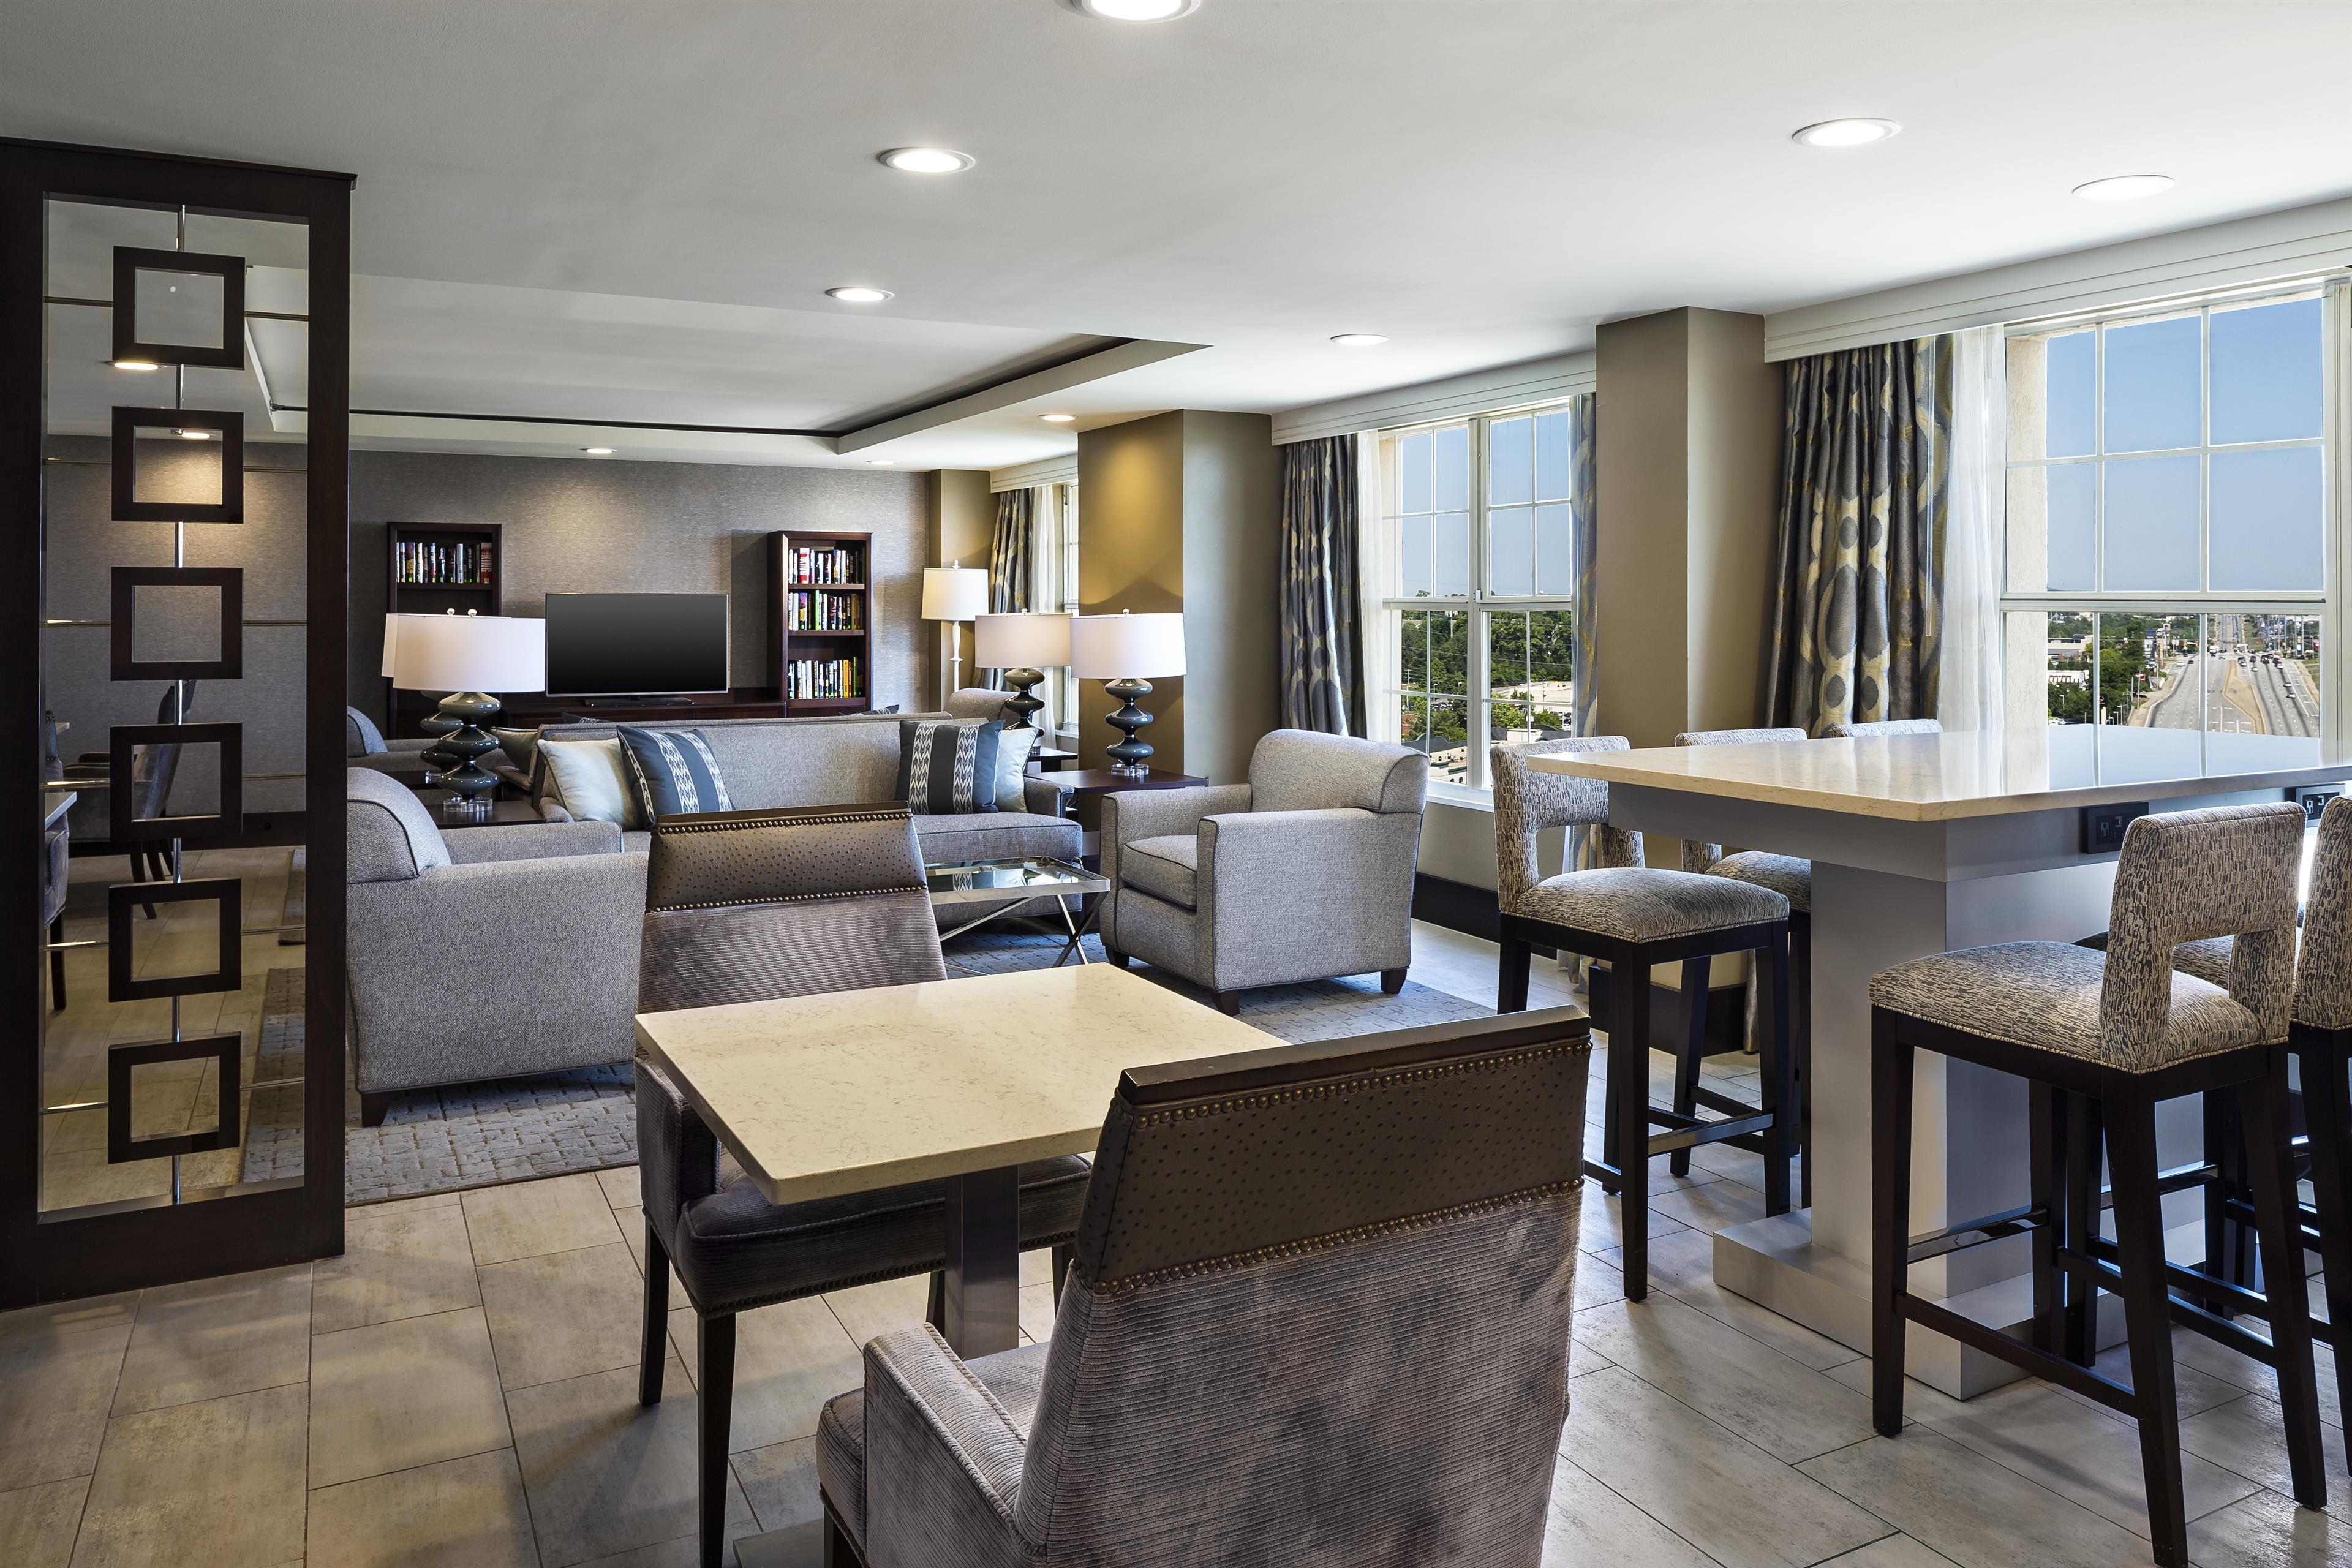 Sheraton Suites Galleria-Atlanta image 12